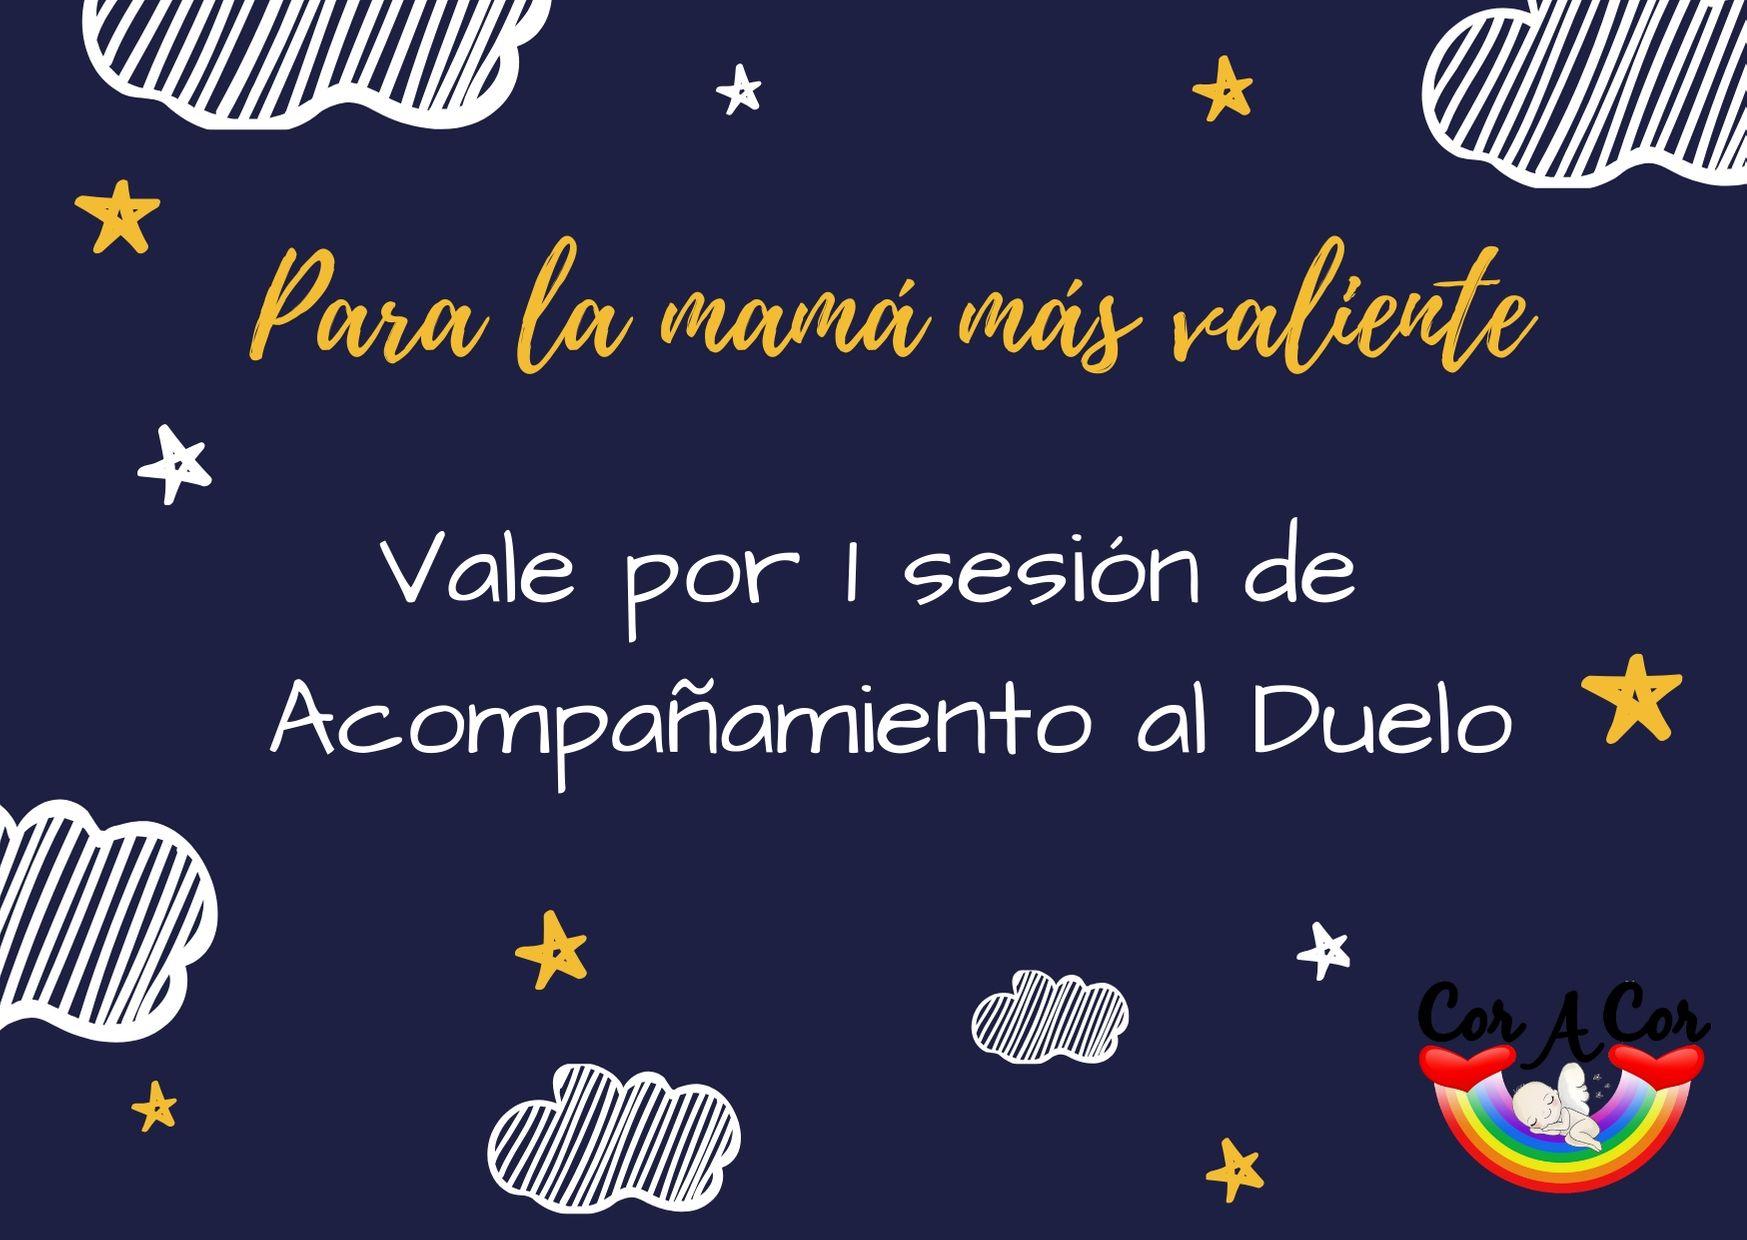 Para_la_mamá_más_valiente